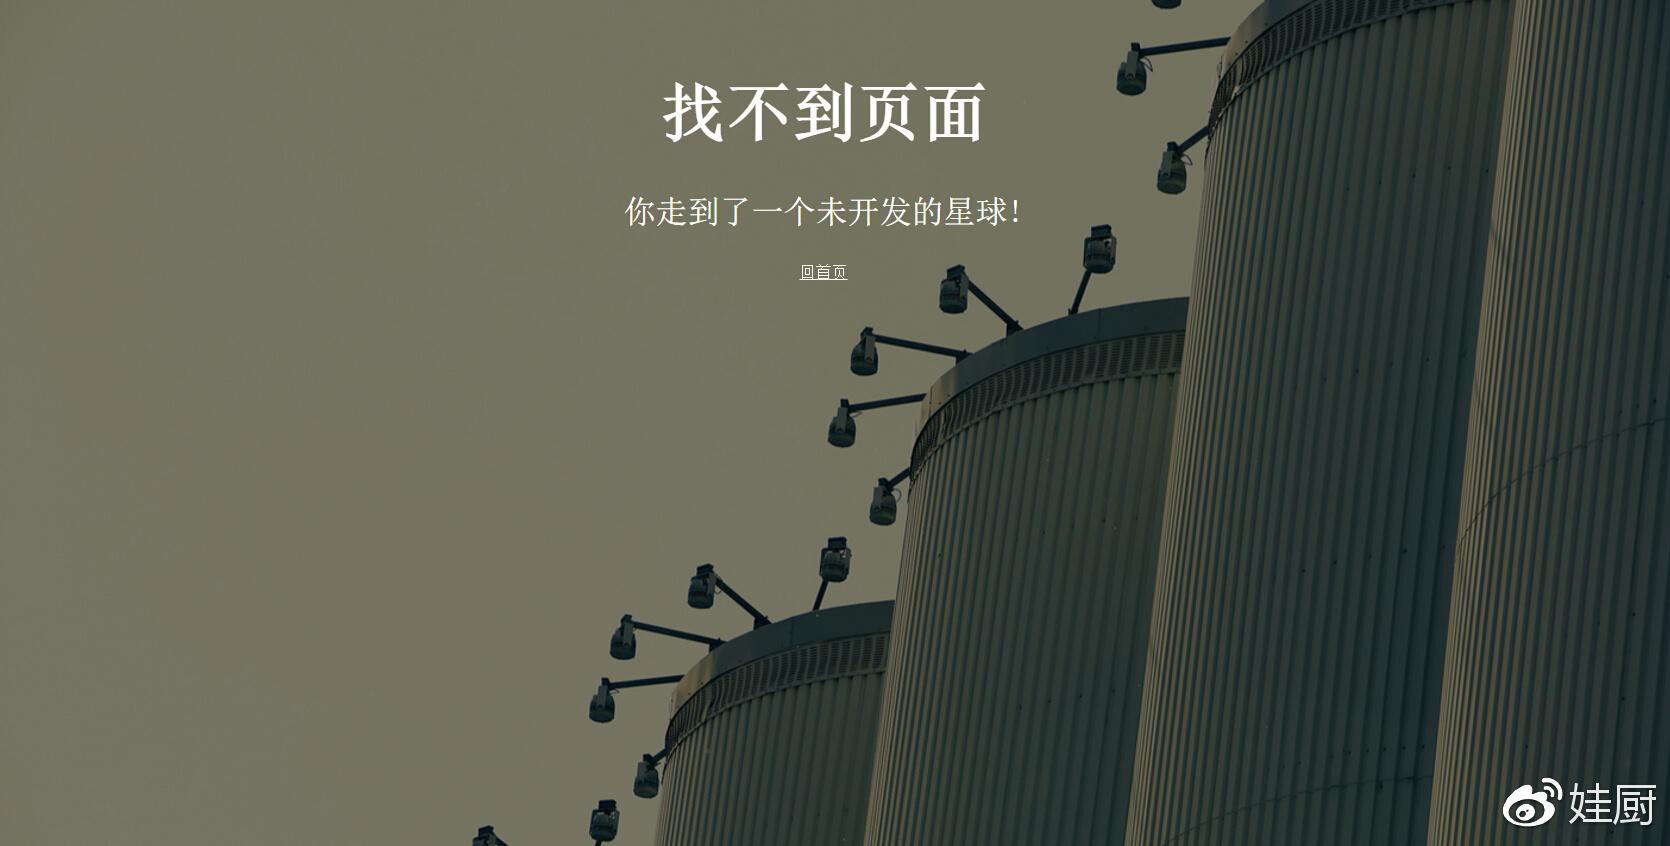 文三娃|外媒讲中文的正确姿势